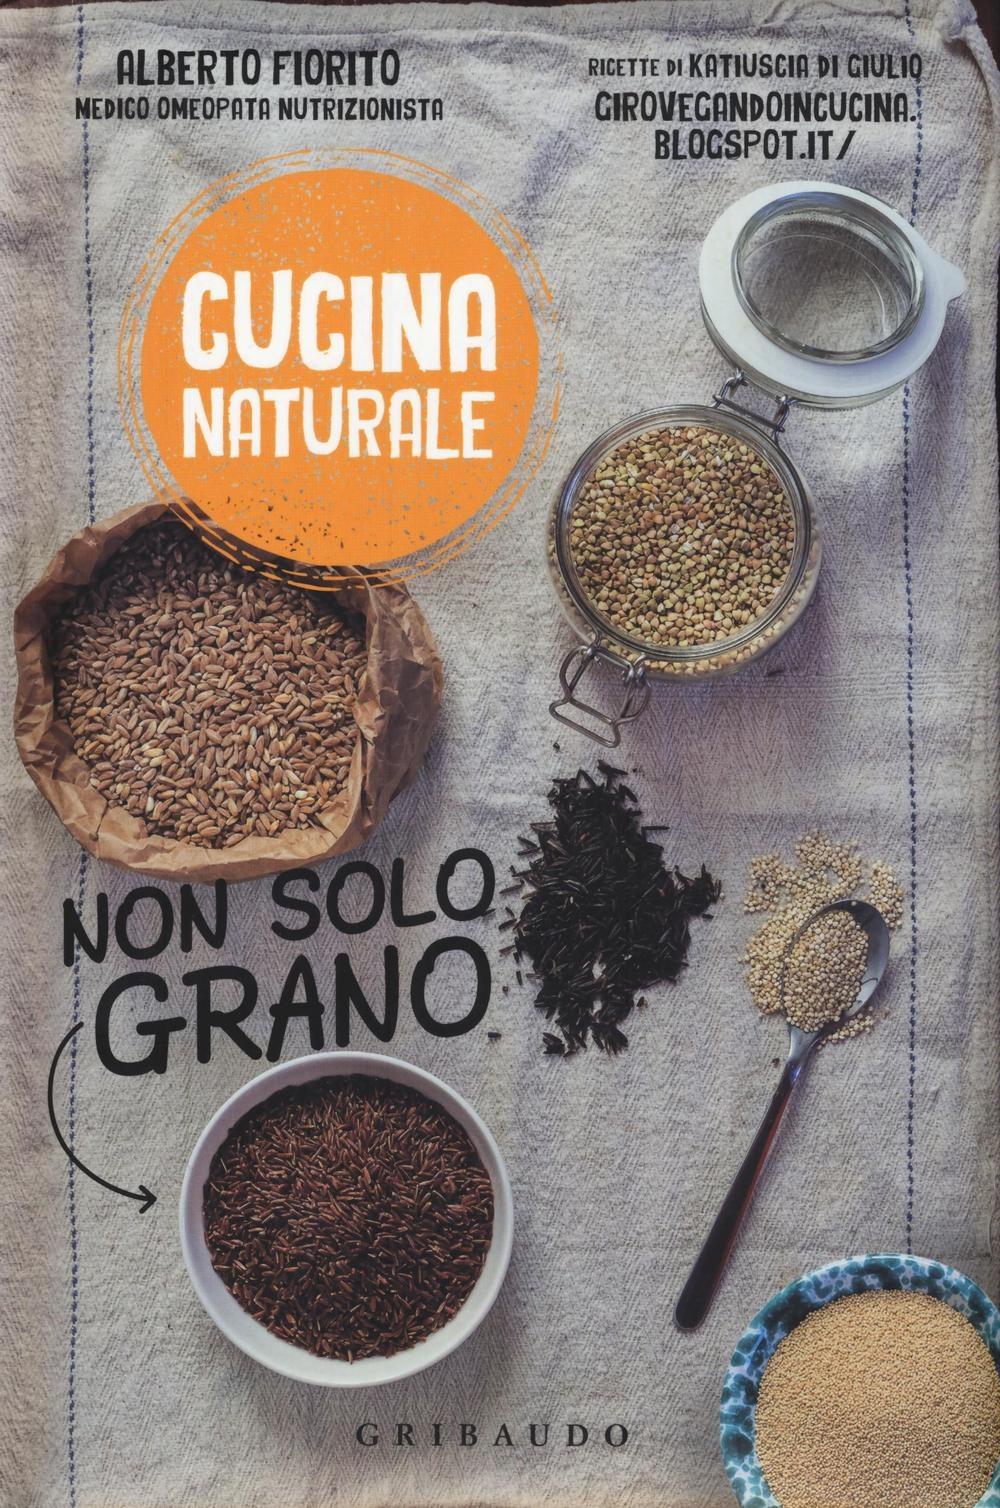 Cucina naturale. Non solo grano.